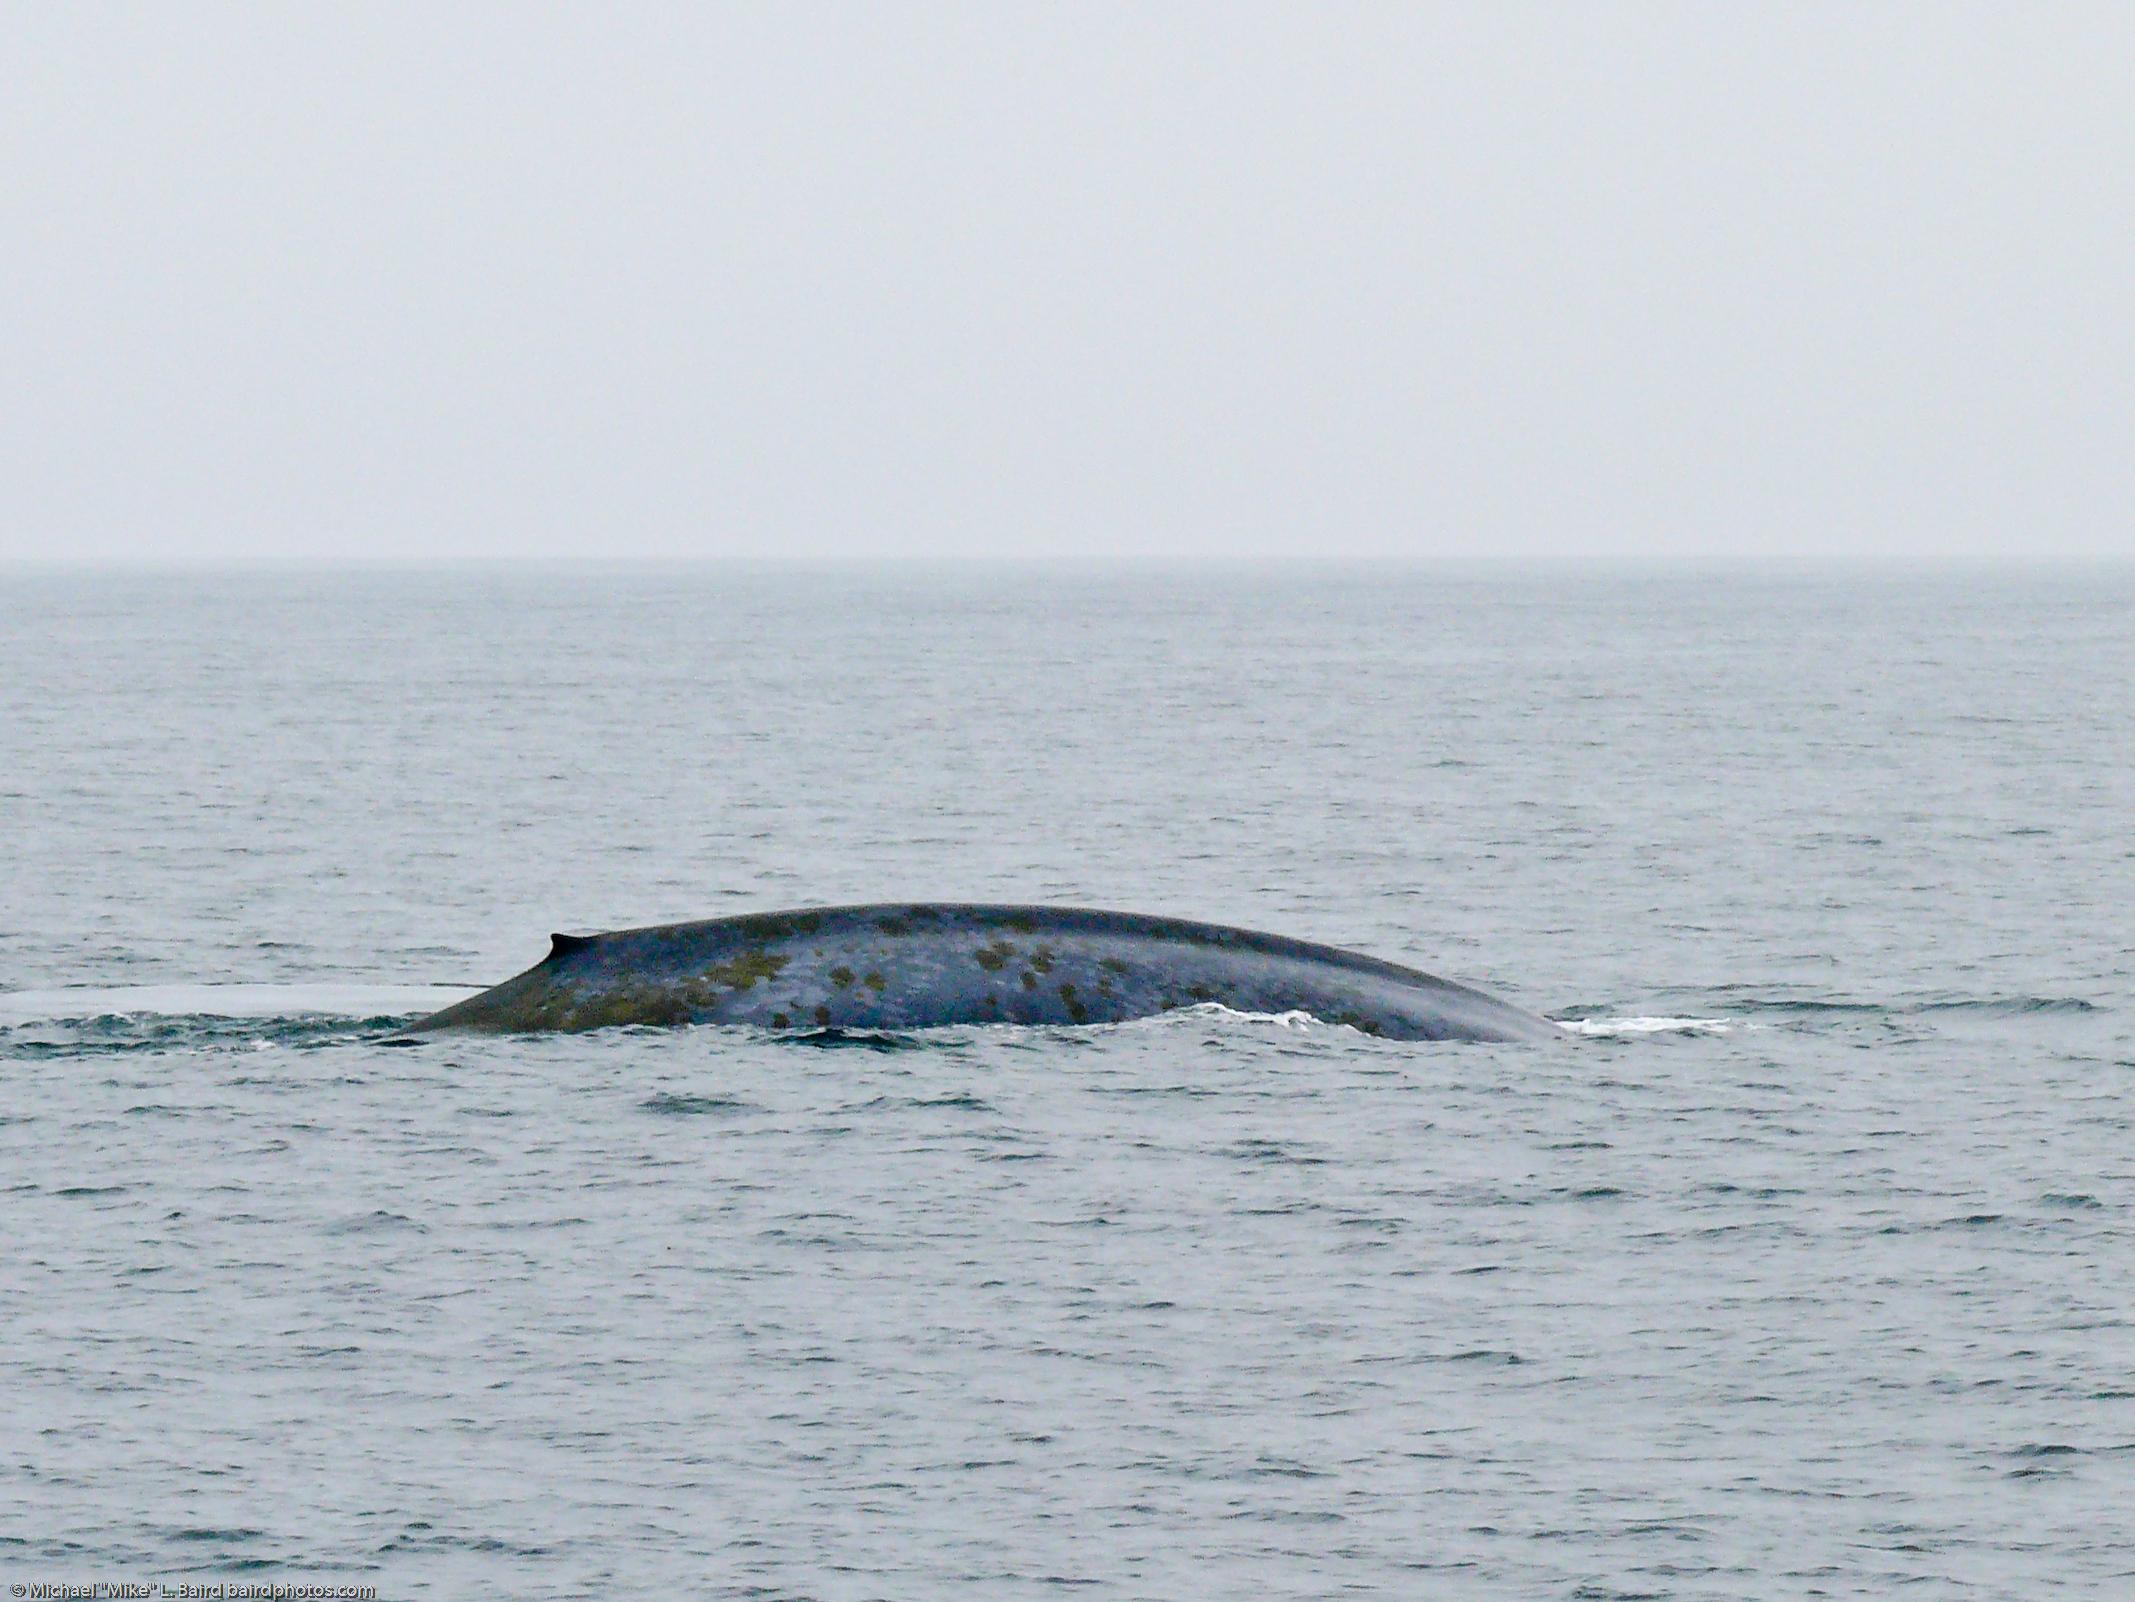 الحوت الأزرق (الفريق الازرق)